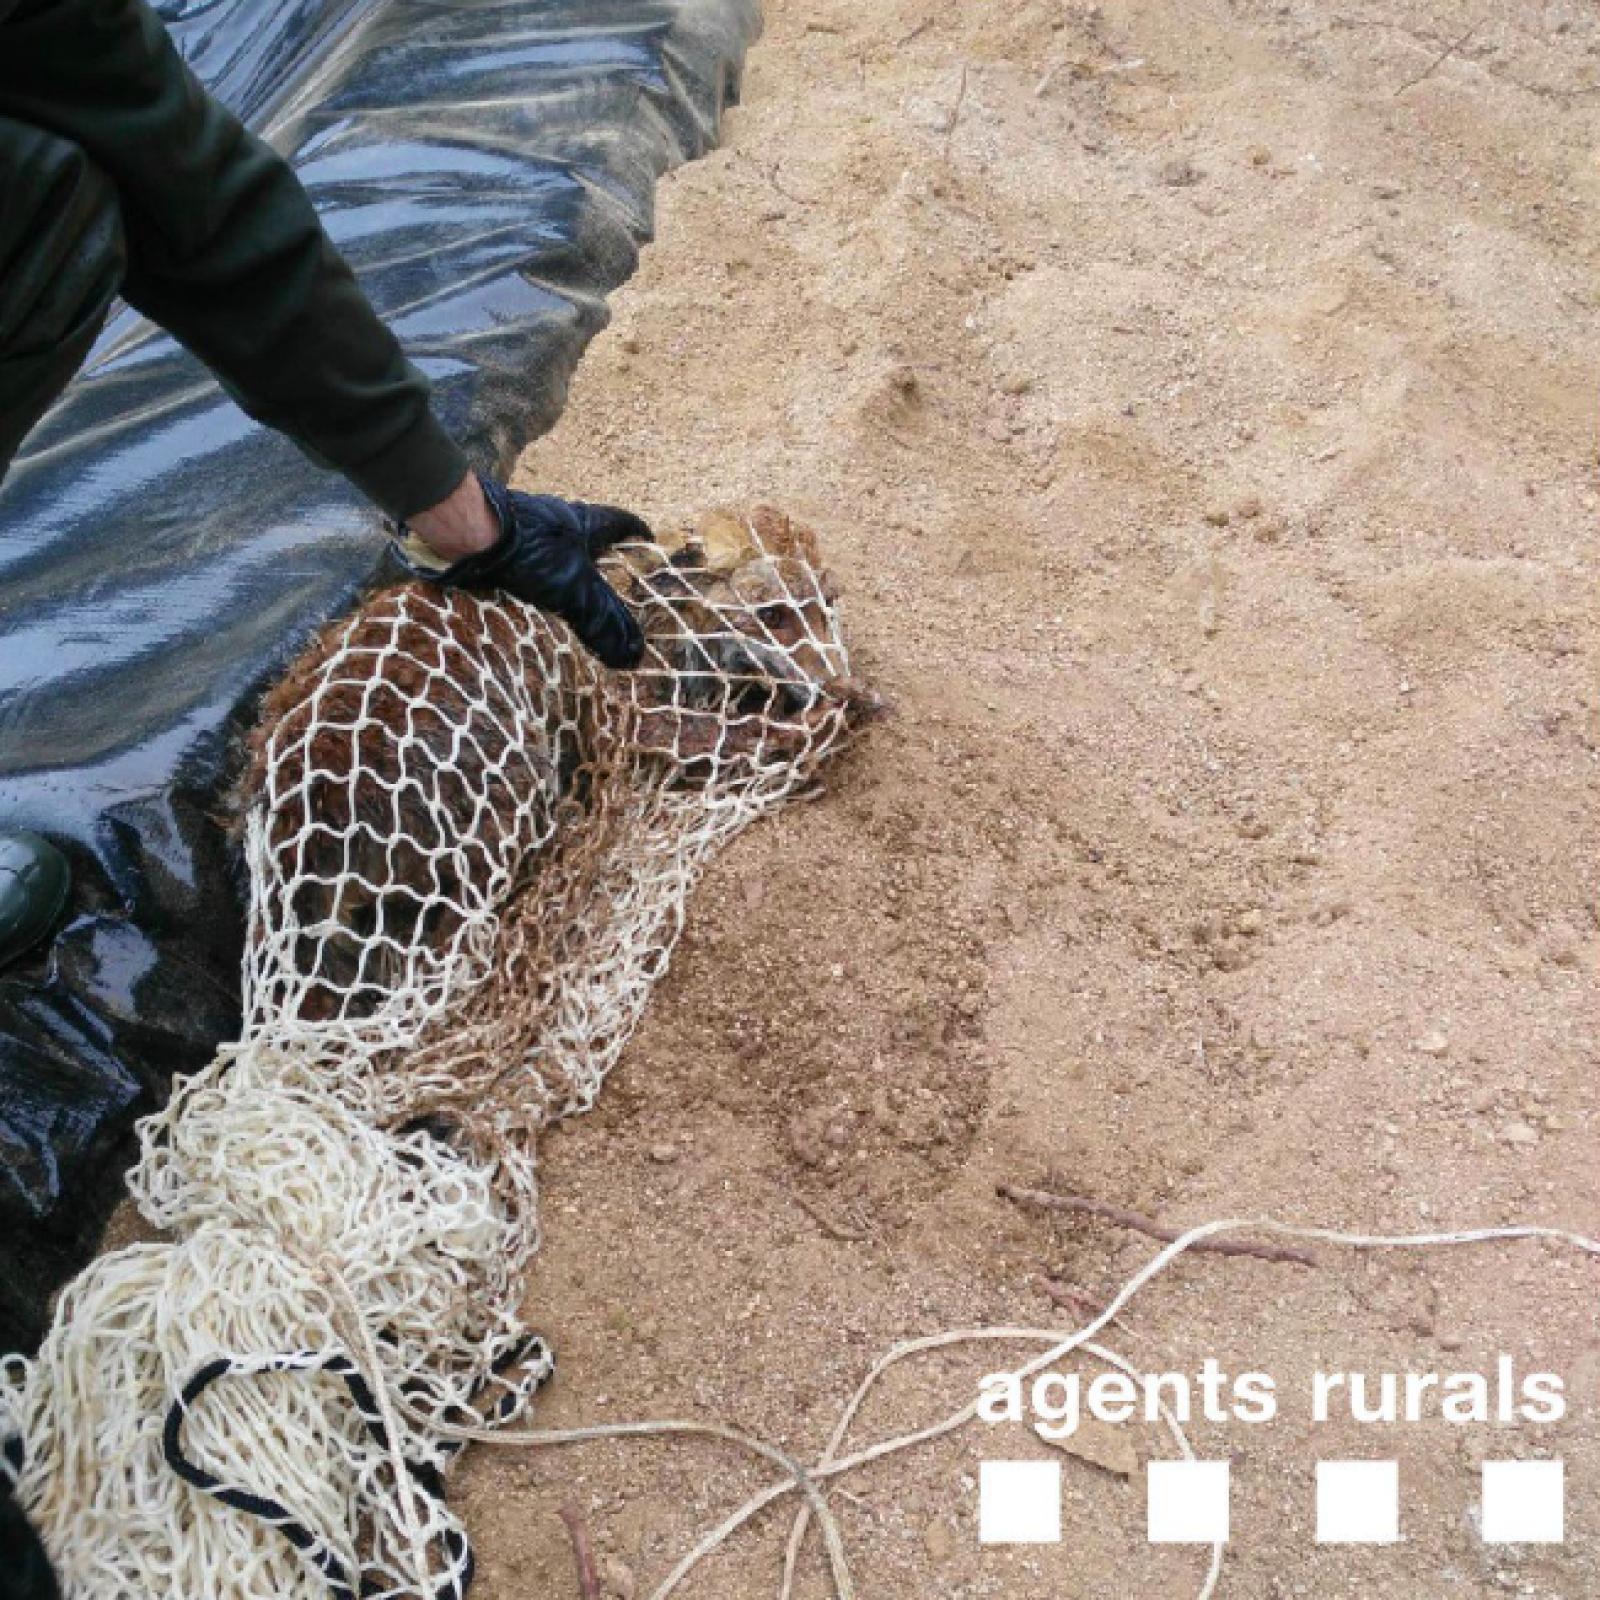 La guineu que s'estava ofegant a la bassa de rec d'Arenys de Munt, un cop rescatada